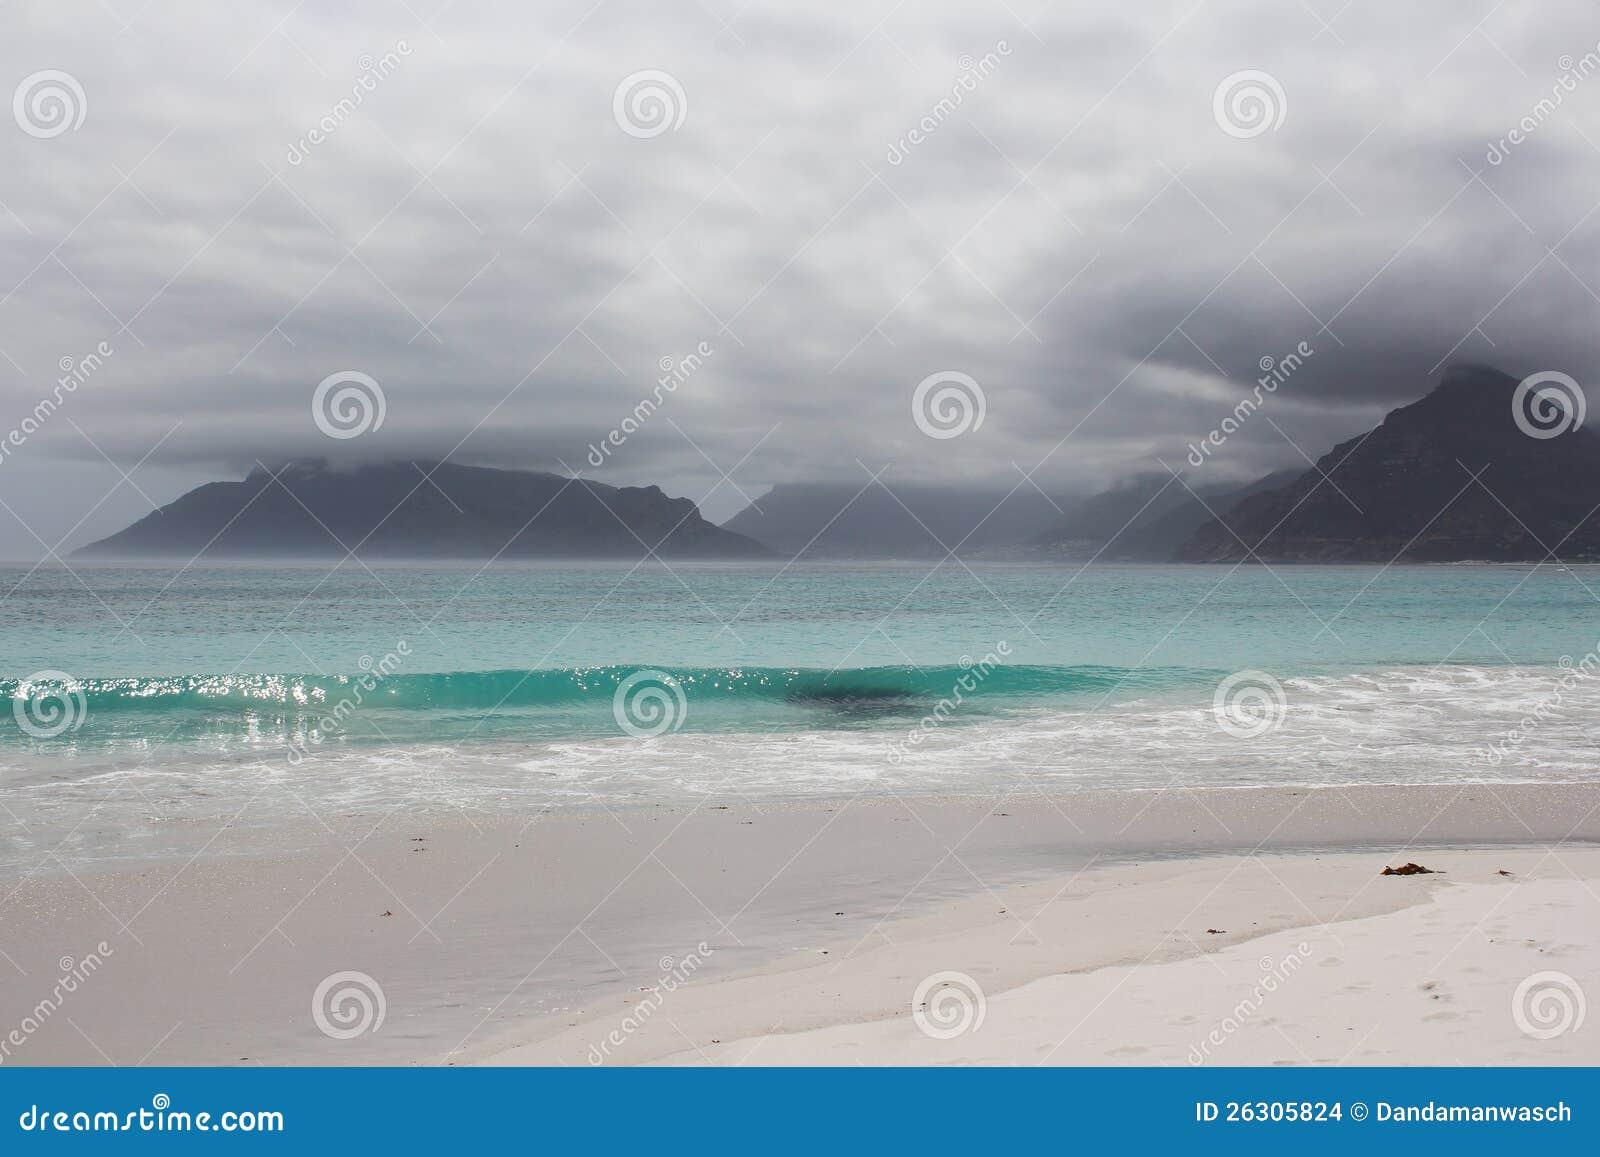 Beach of Kommetjie